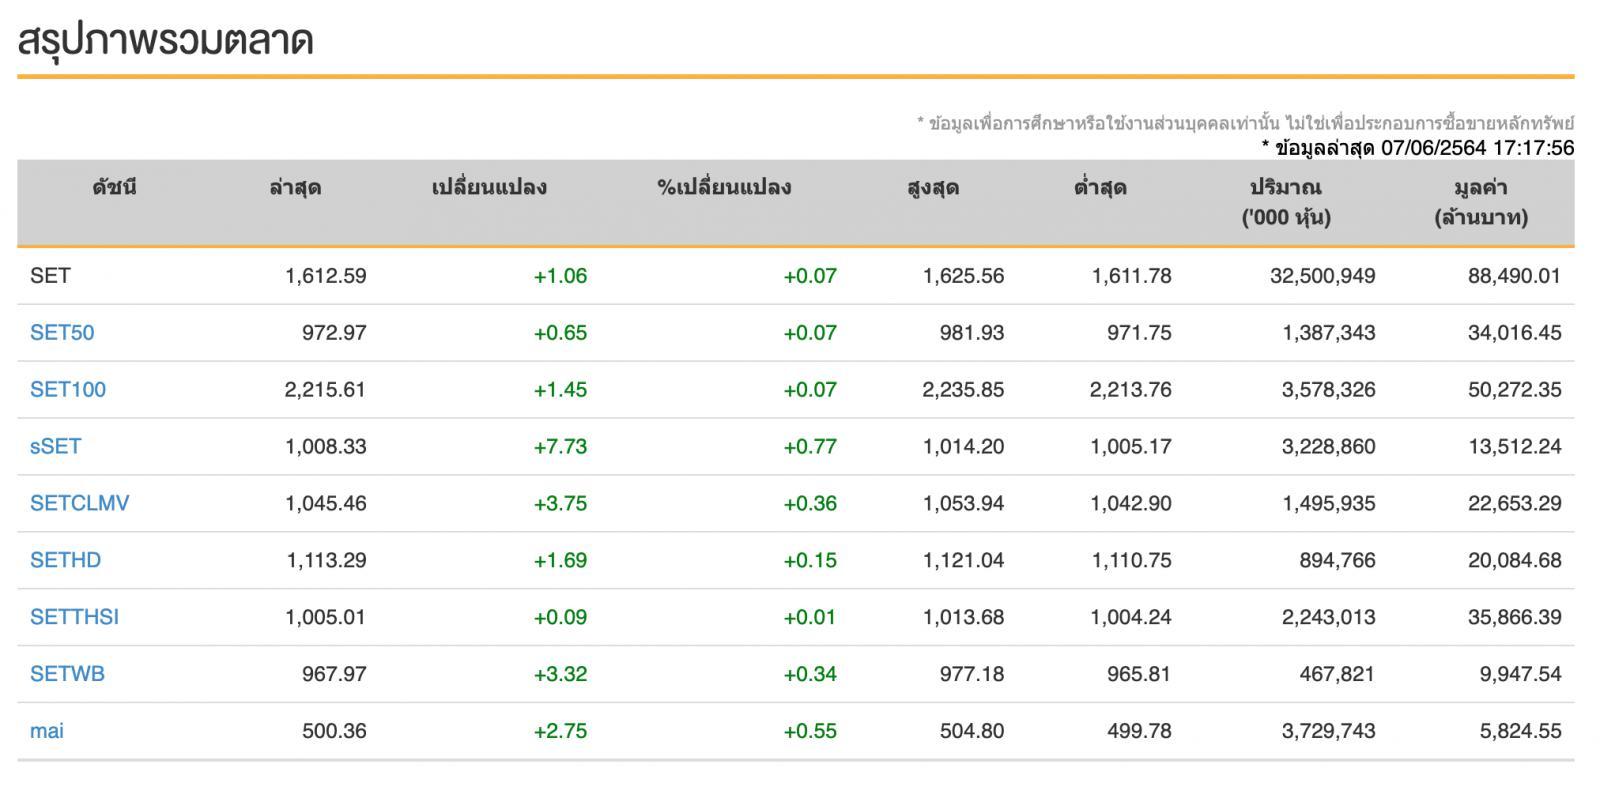 หุ้นไทย (7 มิ.ย.64) ปิดการซื้อขายที่ระดับ 1,612.59 จุด เพิ่มขึ้น +1.06 จุด